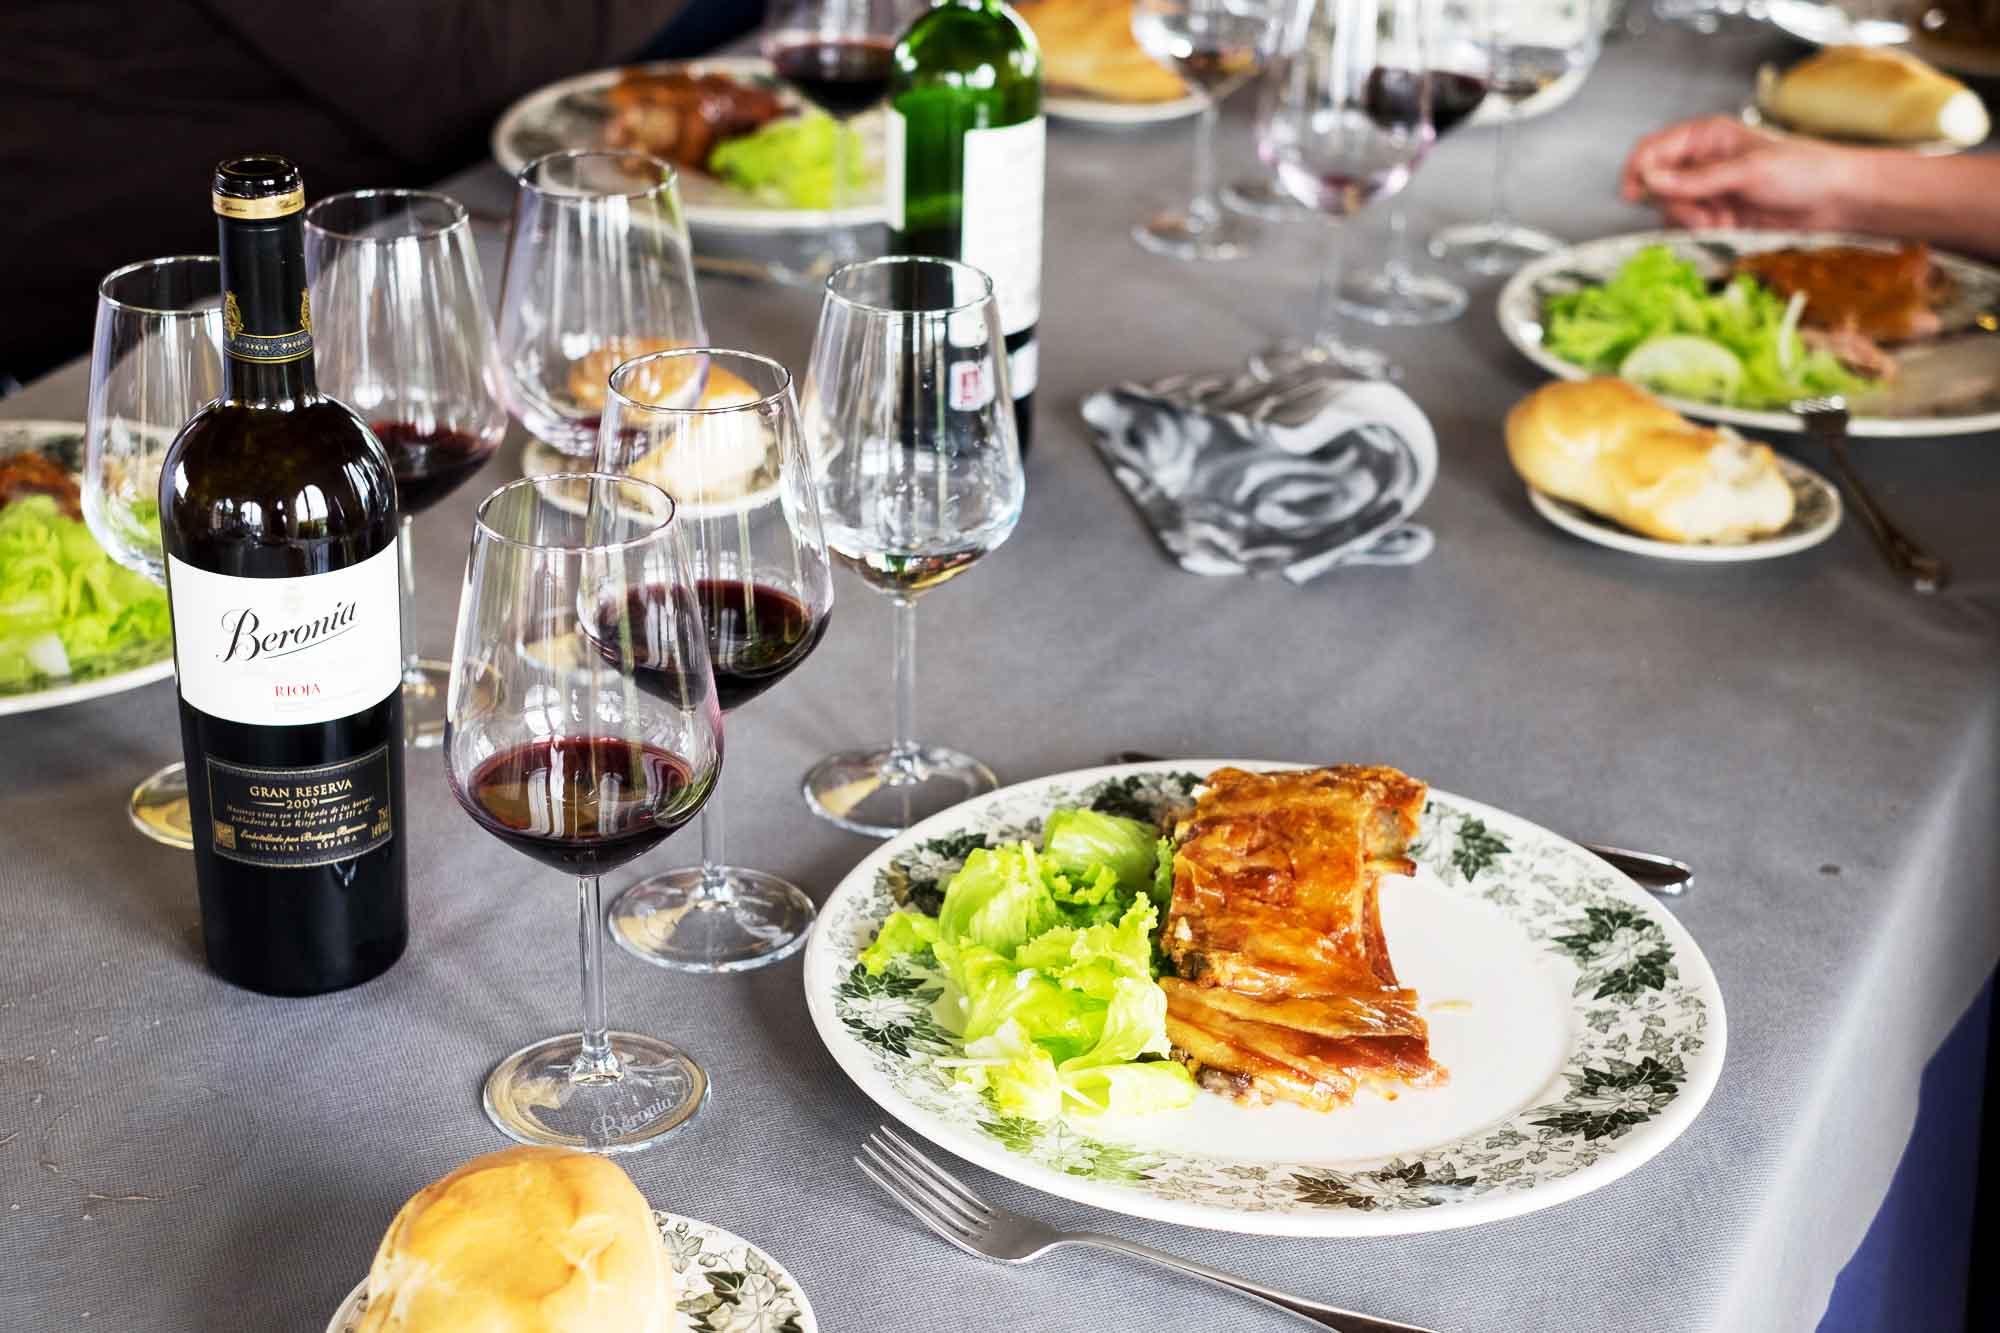 Lunch at Bodega Beronia in Rioja, Spain